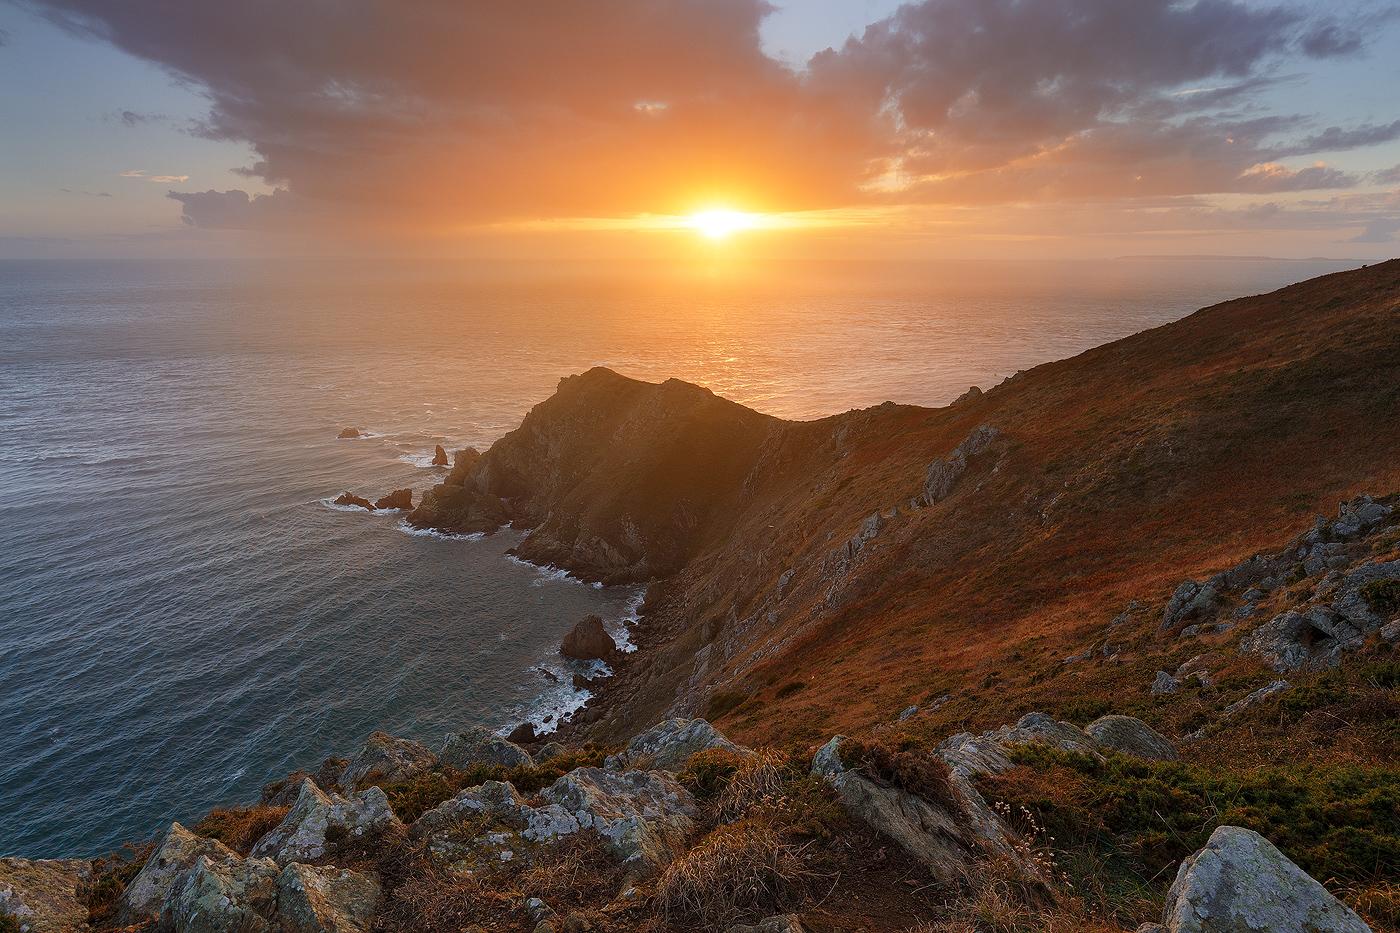 Nez de Jobourg dans la Manche en Normandie - Nicolas Rottiers photographe paysage